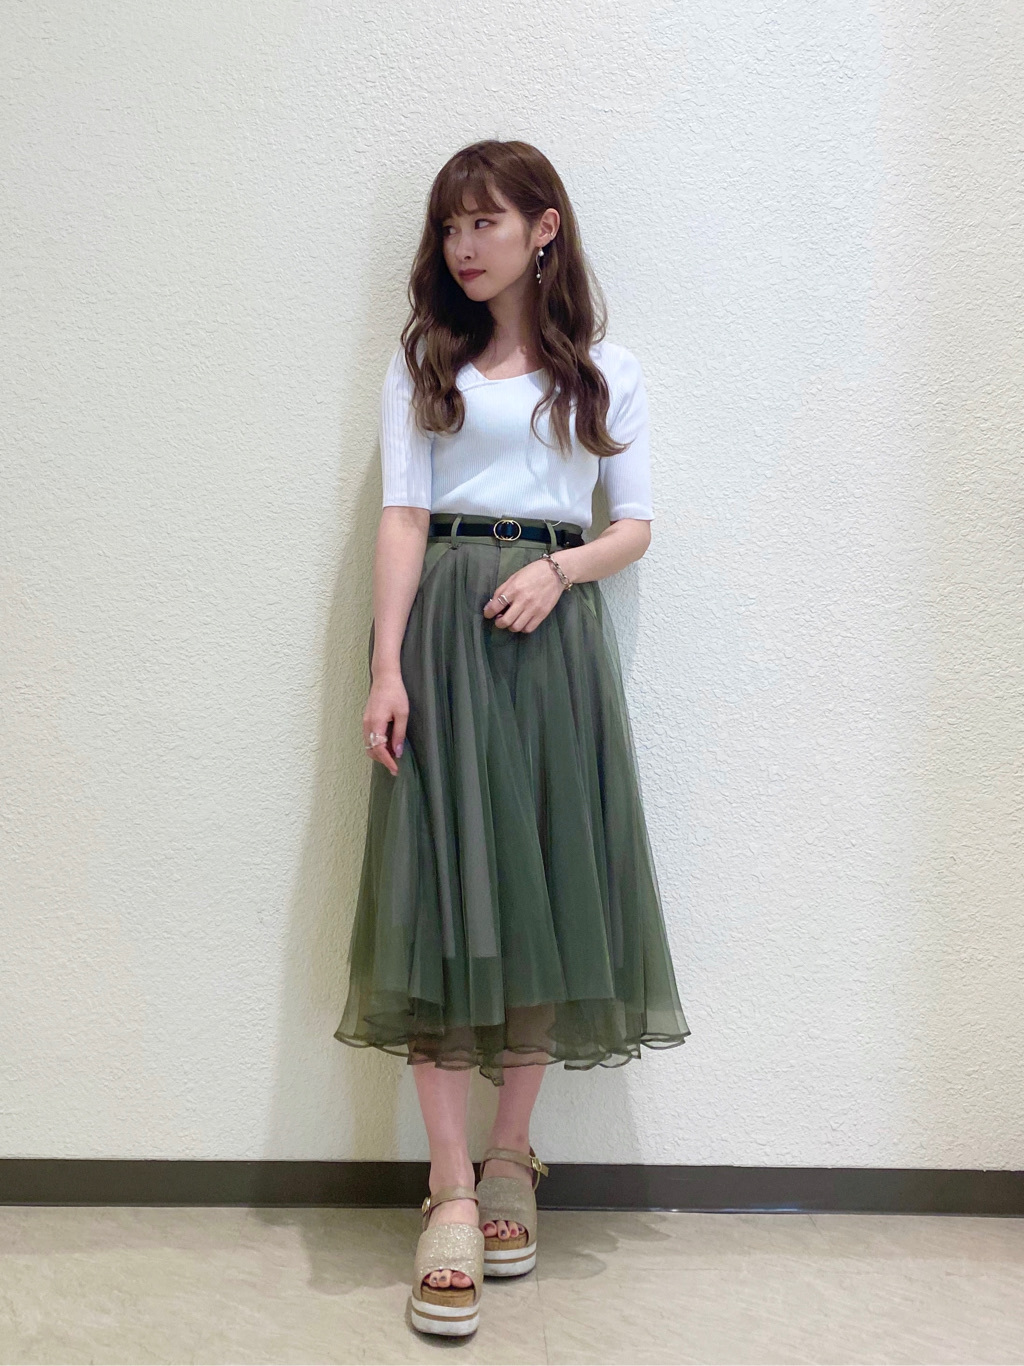 saori(164cm)